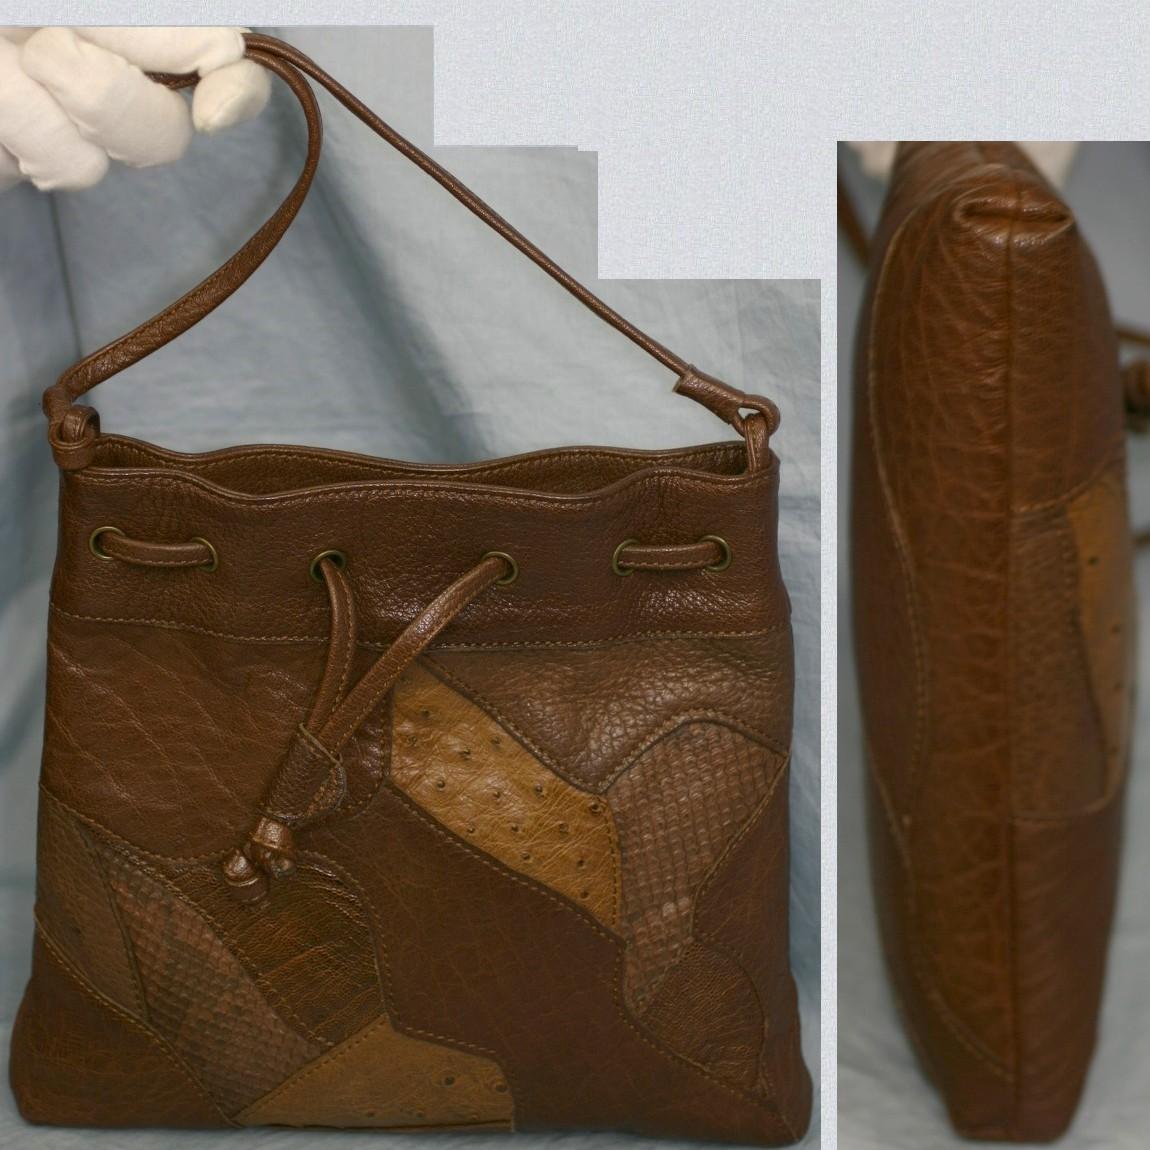 【中古】本物イビザ女性用25センチ茶系駝鳥x蛇x水牛パッチワークショルダーポーチ